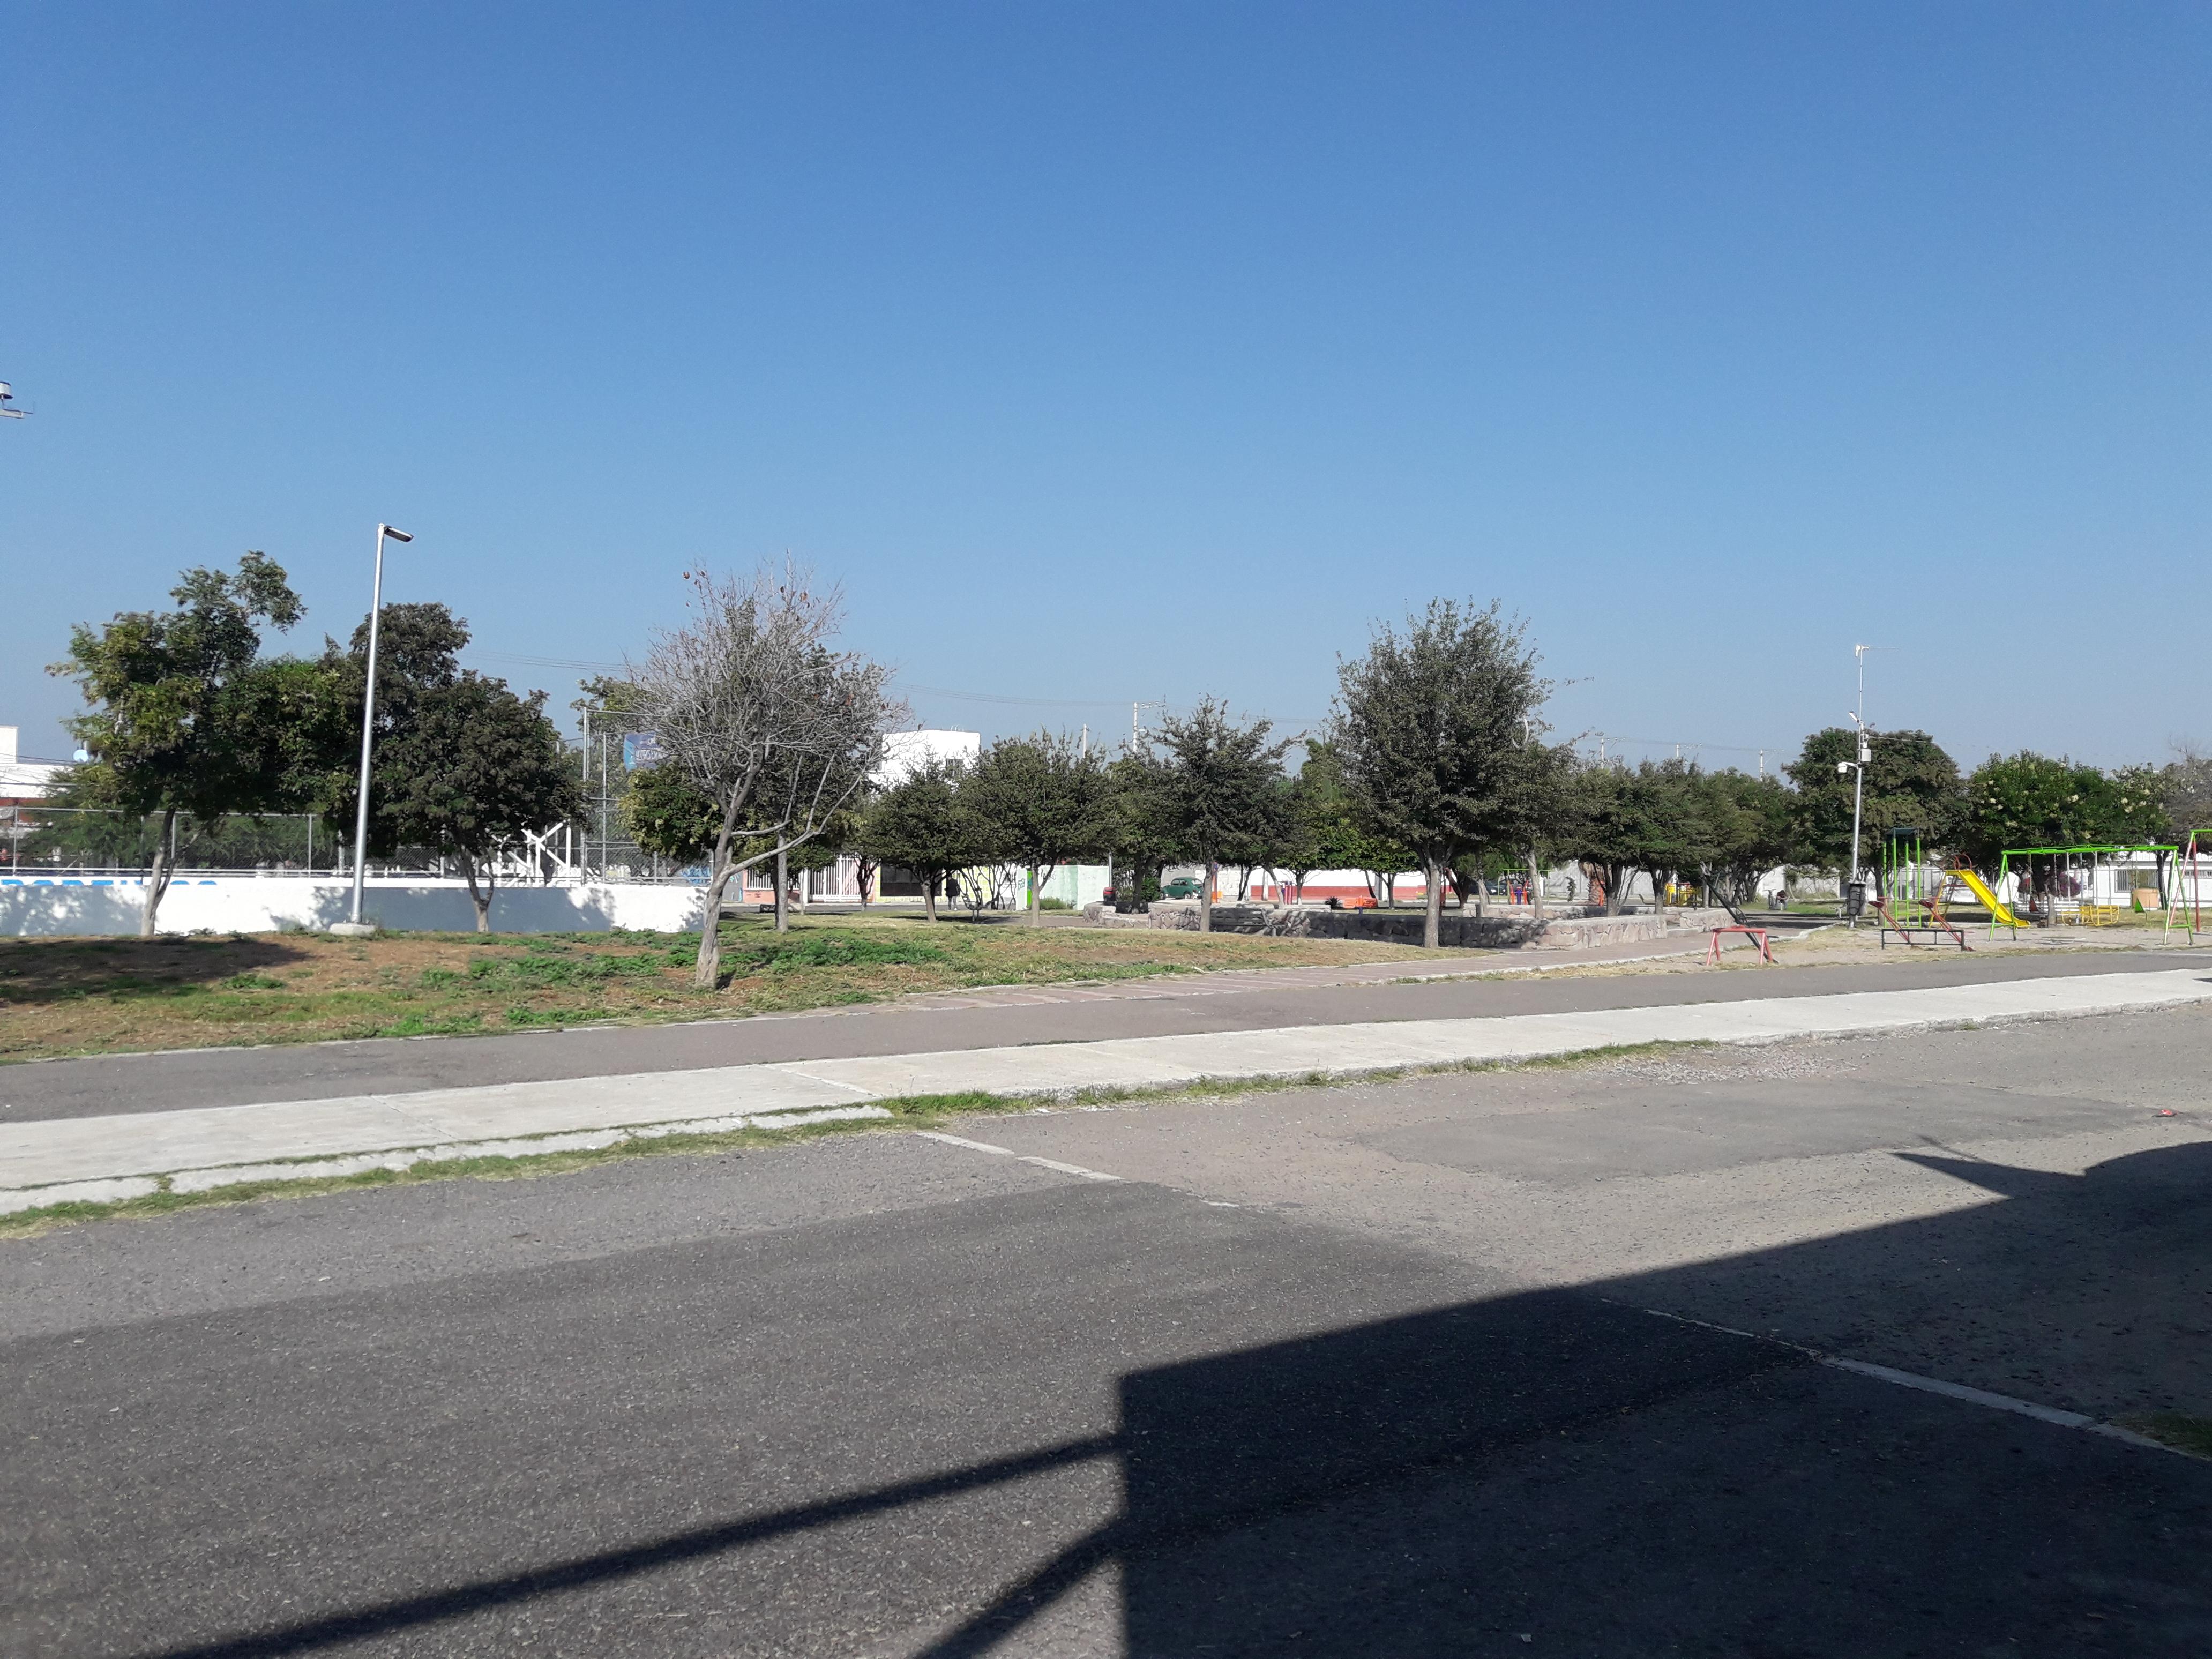 Locales comerciales  con superficie de 150 m2.  Divididos en 5 secciones. Frente a Parque